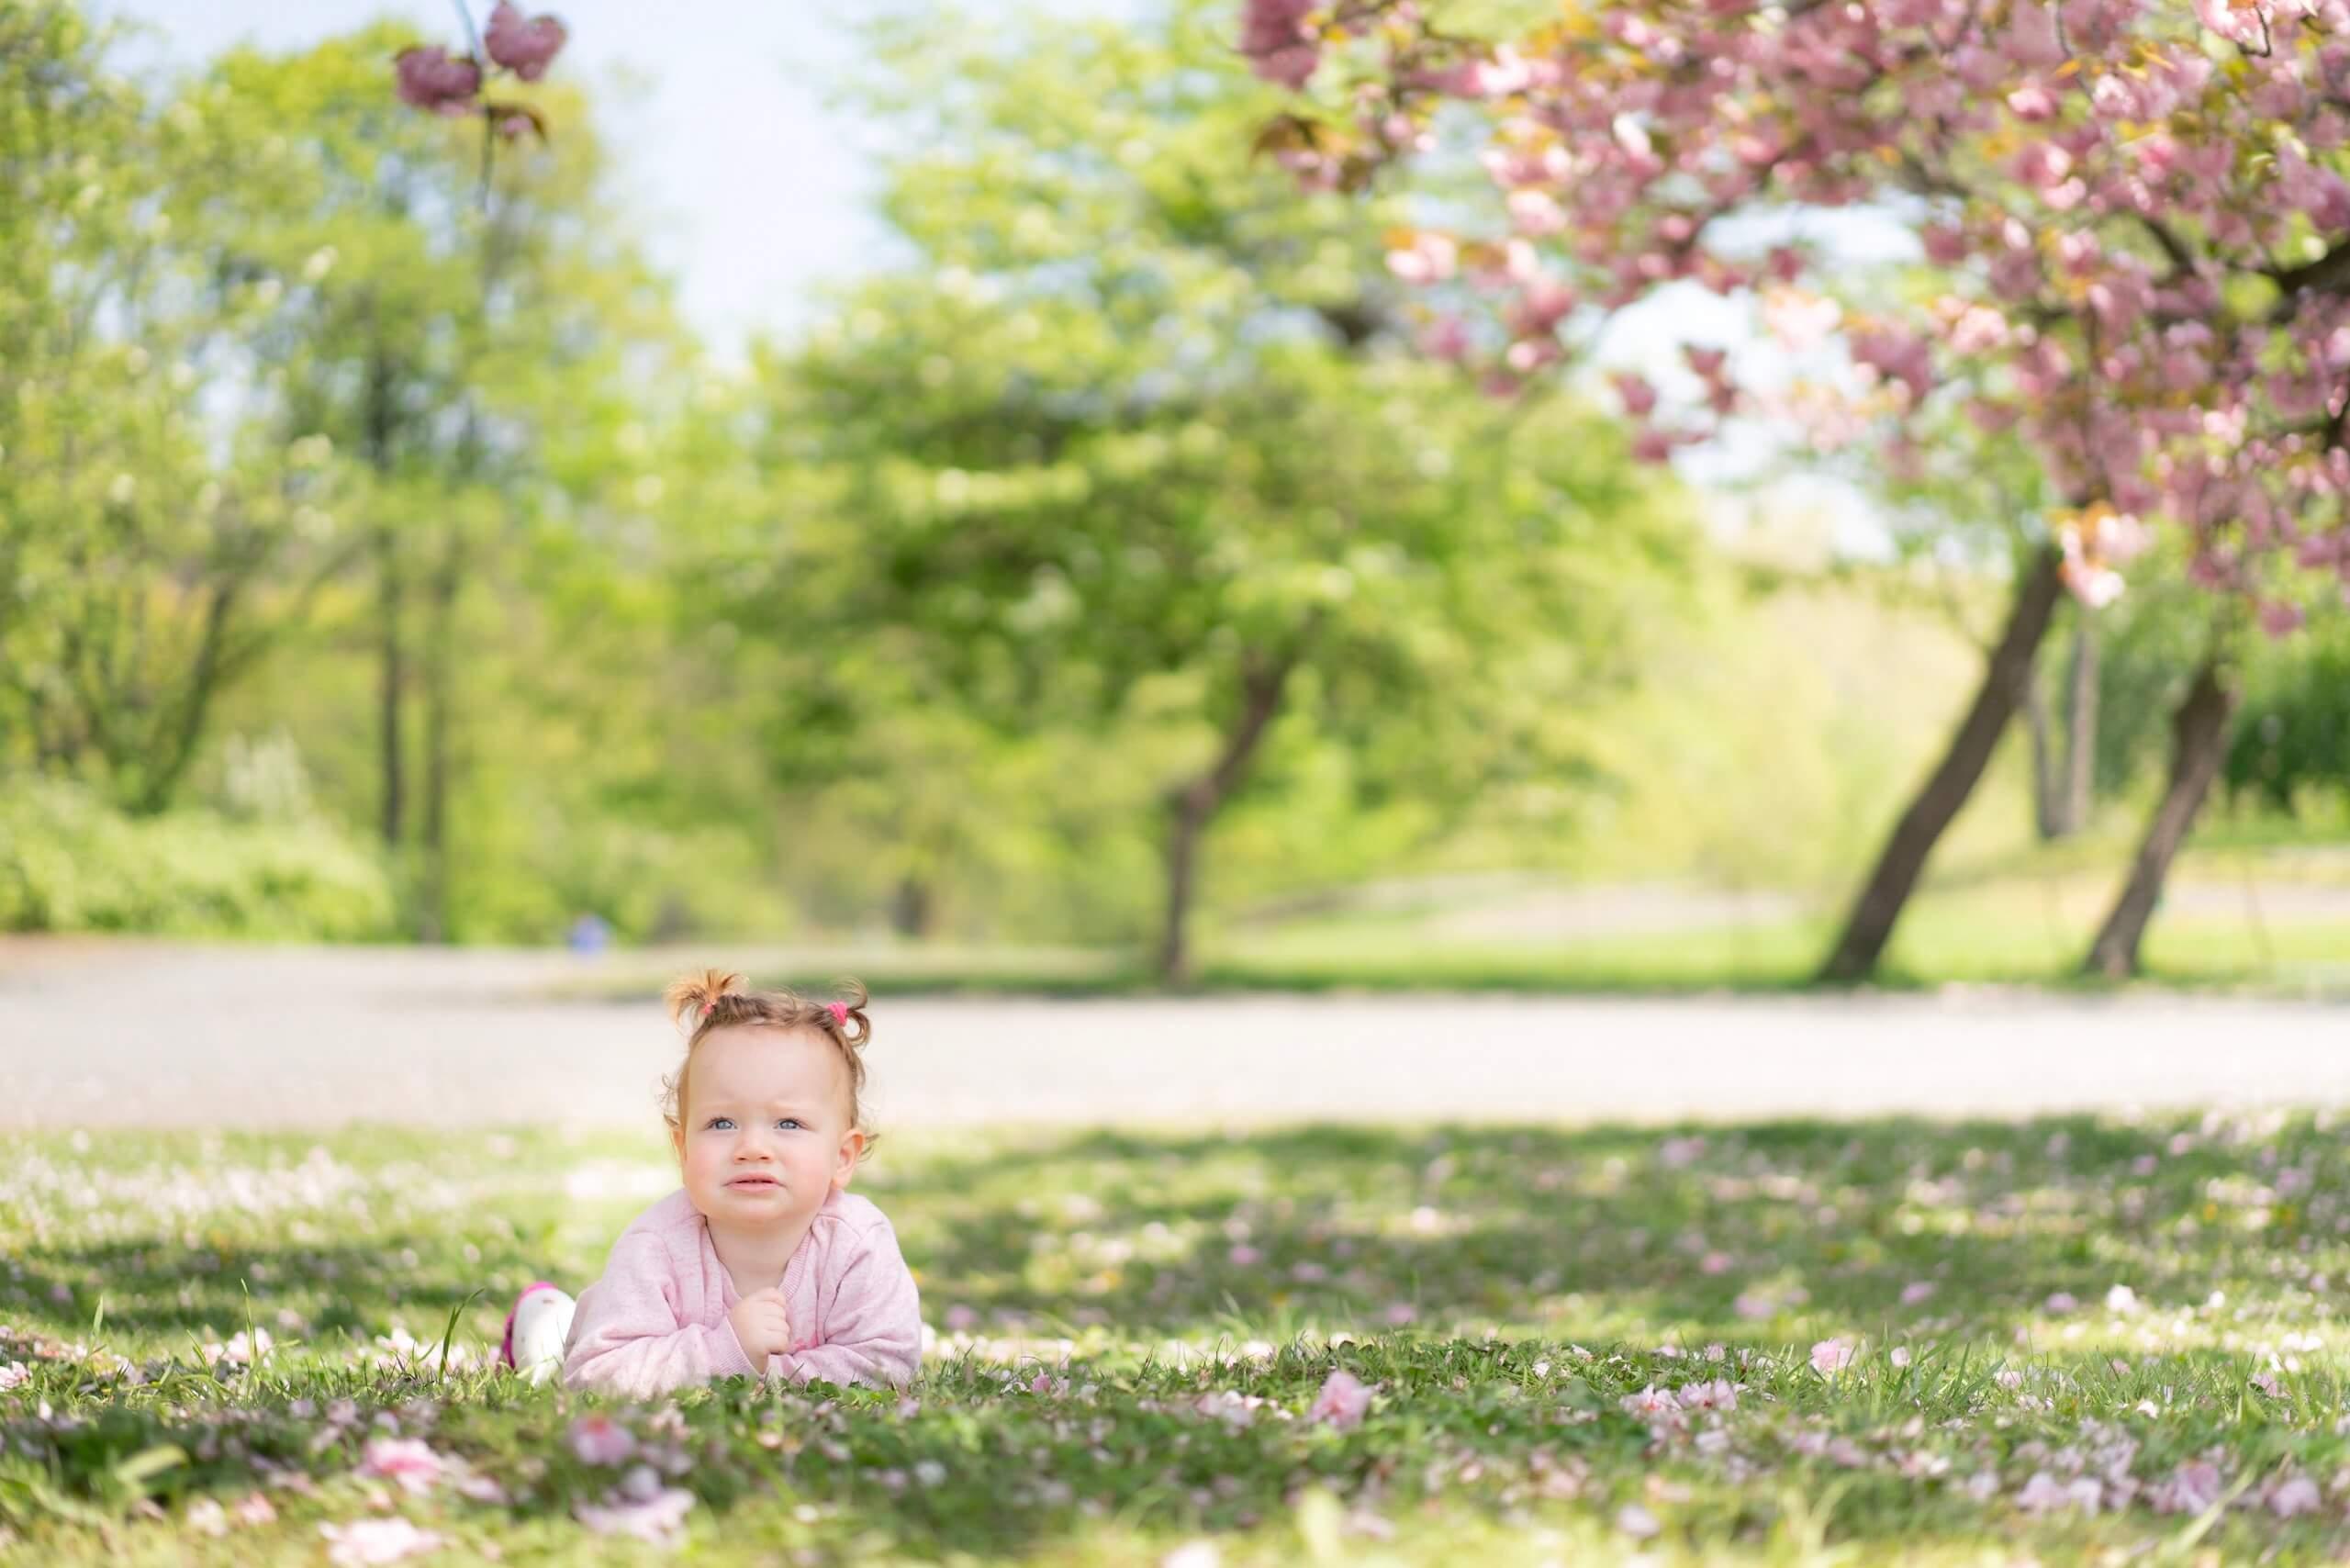 セントラルパークで撮った赤ちゃんの写真